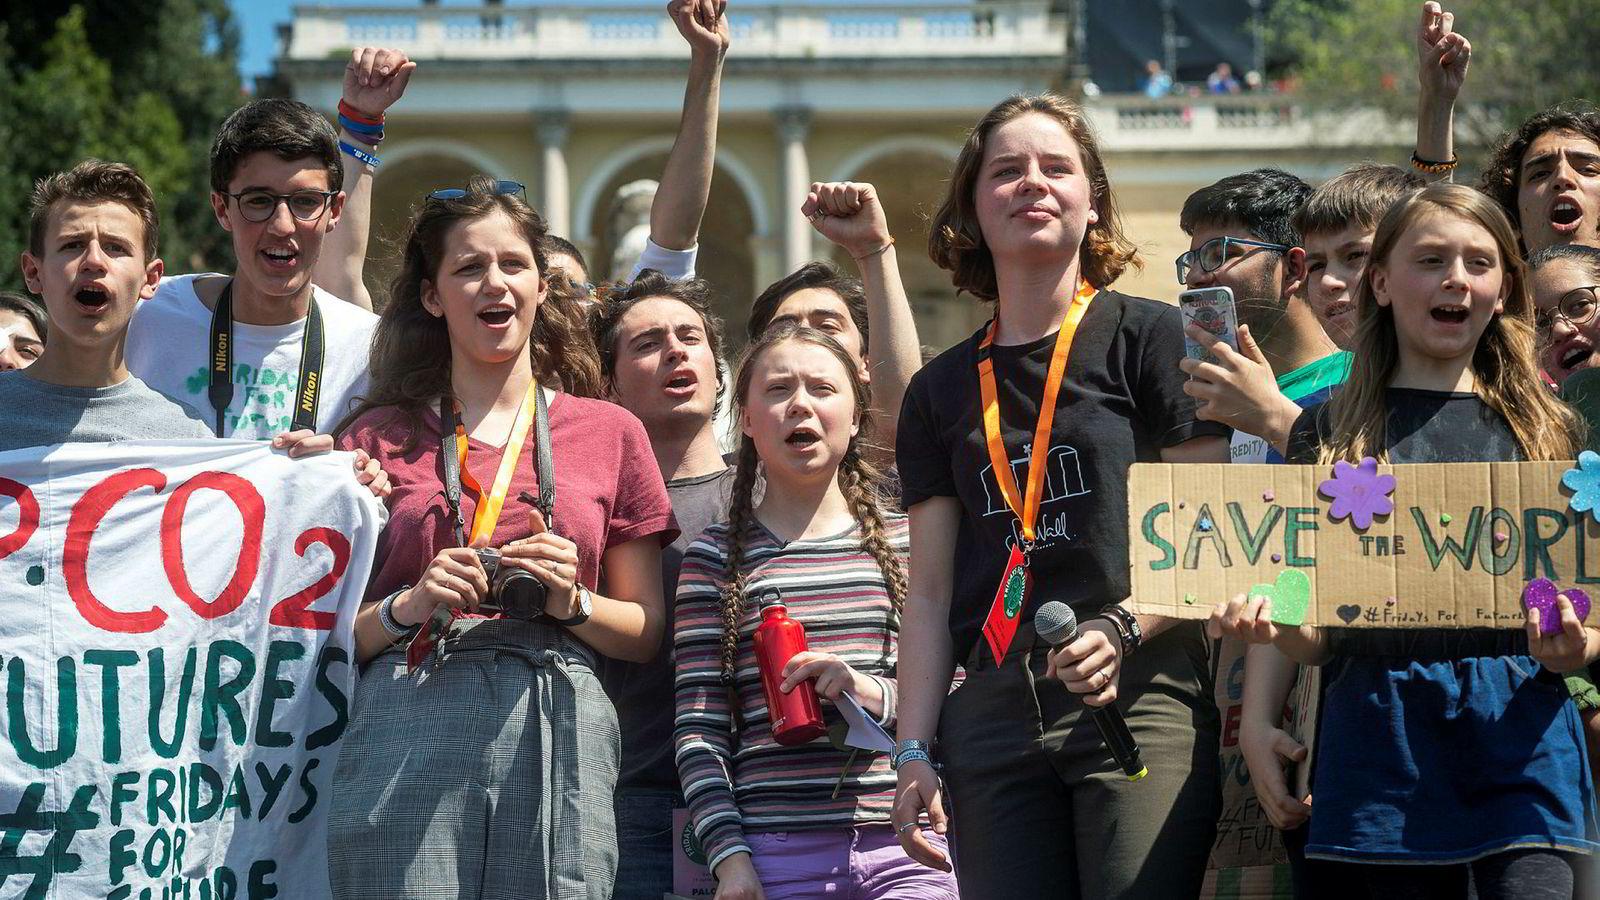 I land etter land har ungdom fulgt Greta Thunbergs eksempel og gått til skolestreik for klimaet. Her fra Roma i april da Thunberg deltok i en demonstrasjon.